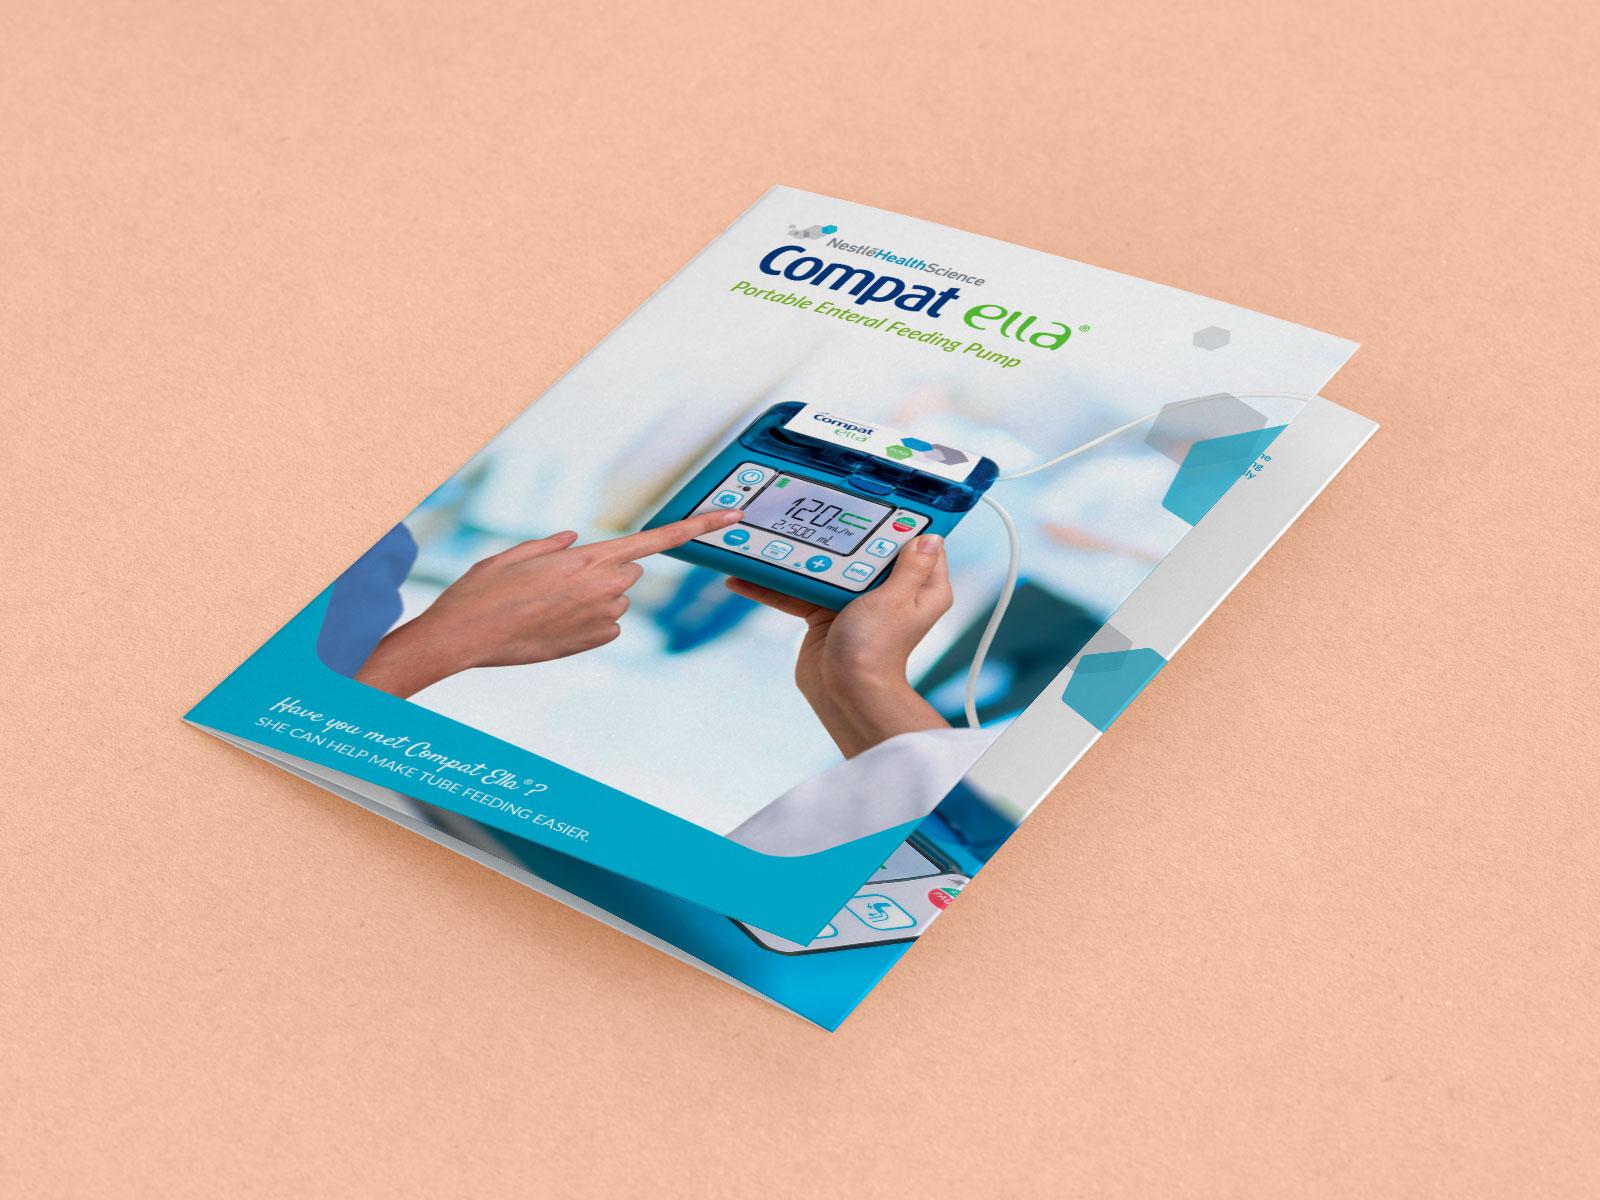 Brochure Compat Ella® - Brochure 6 pages en couleur destinée à promouvoir les ventes de la pompe de nutrition entérale Compat Ella®.